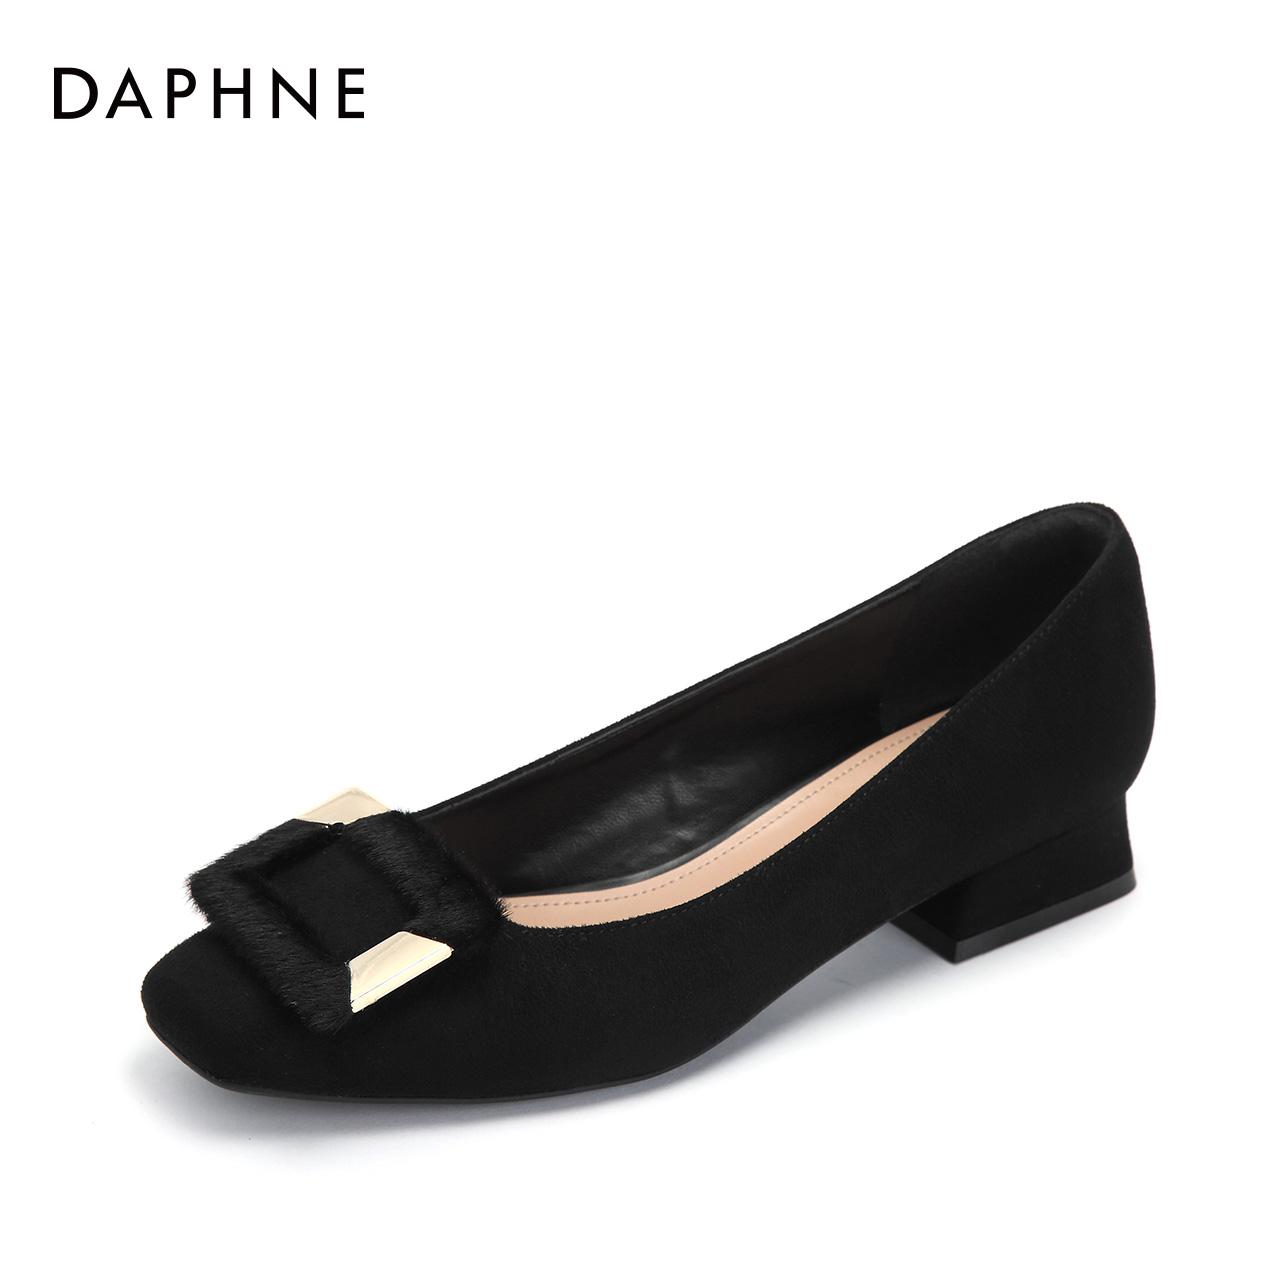 秋新款时尚方头平跟鞋简约纯色方扣单鞋女 2018 达芙妮 Daphne